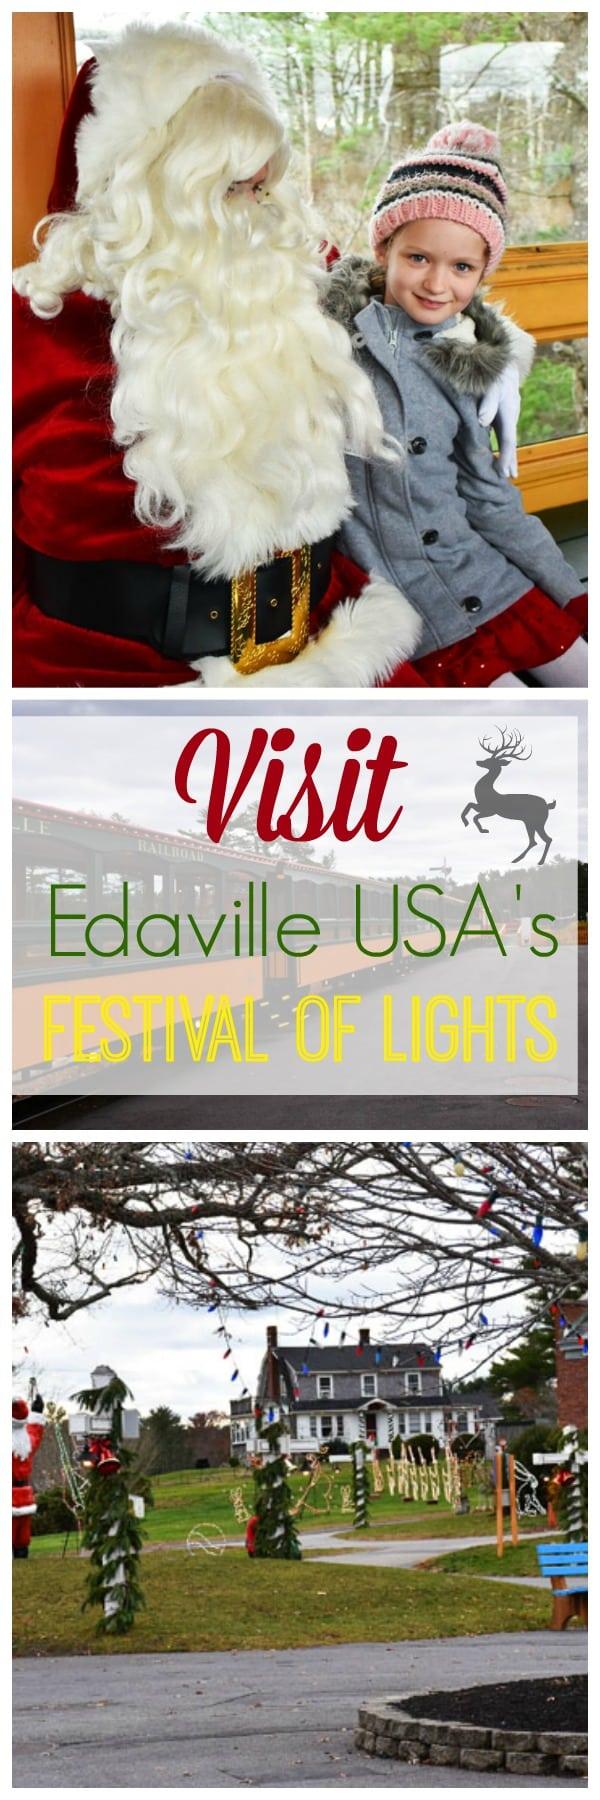 visit-edaville-usas-festival-of-lights